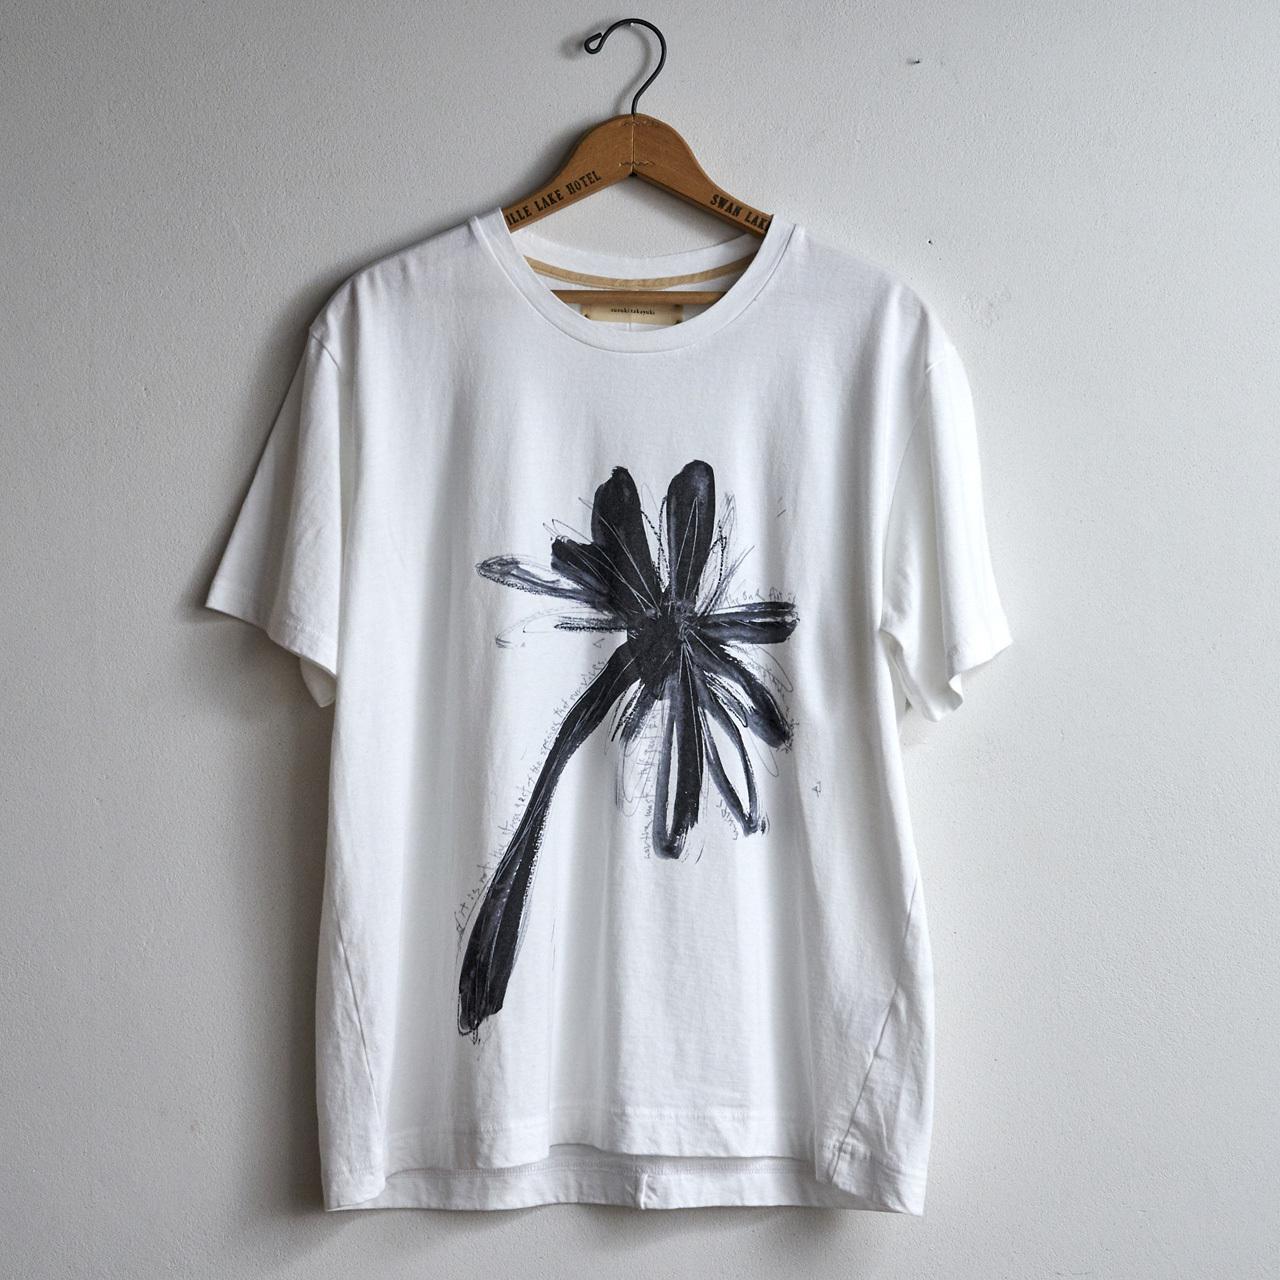 suzuki takayuki スズキタカユキ printed t-shirt プリントtシャツ (メンズ)